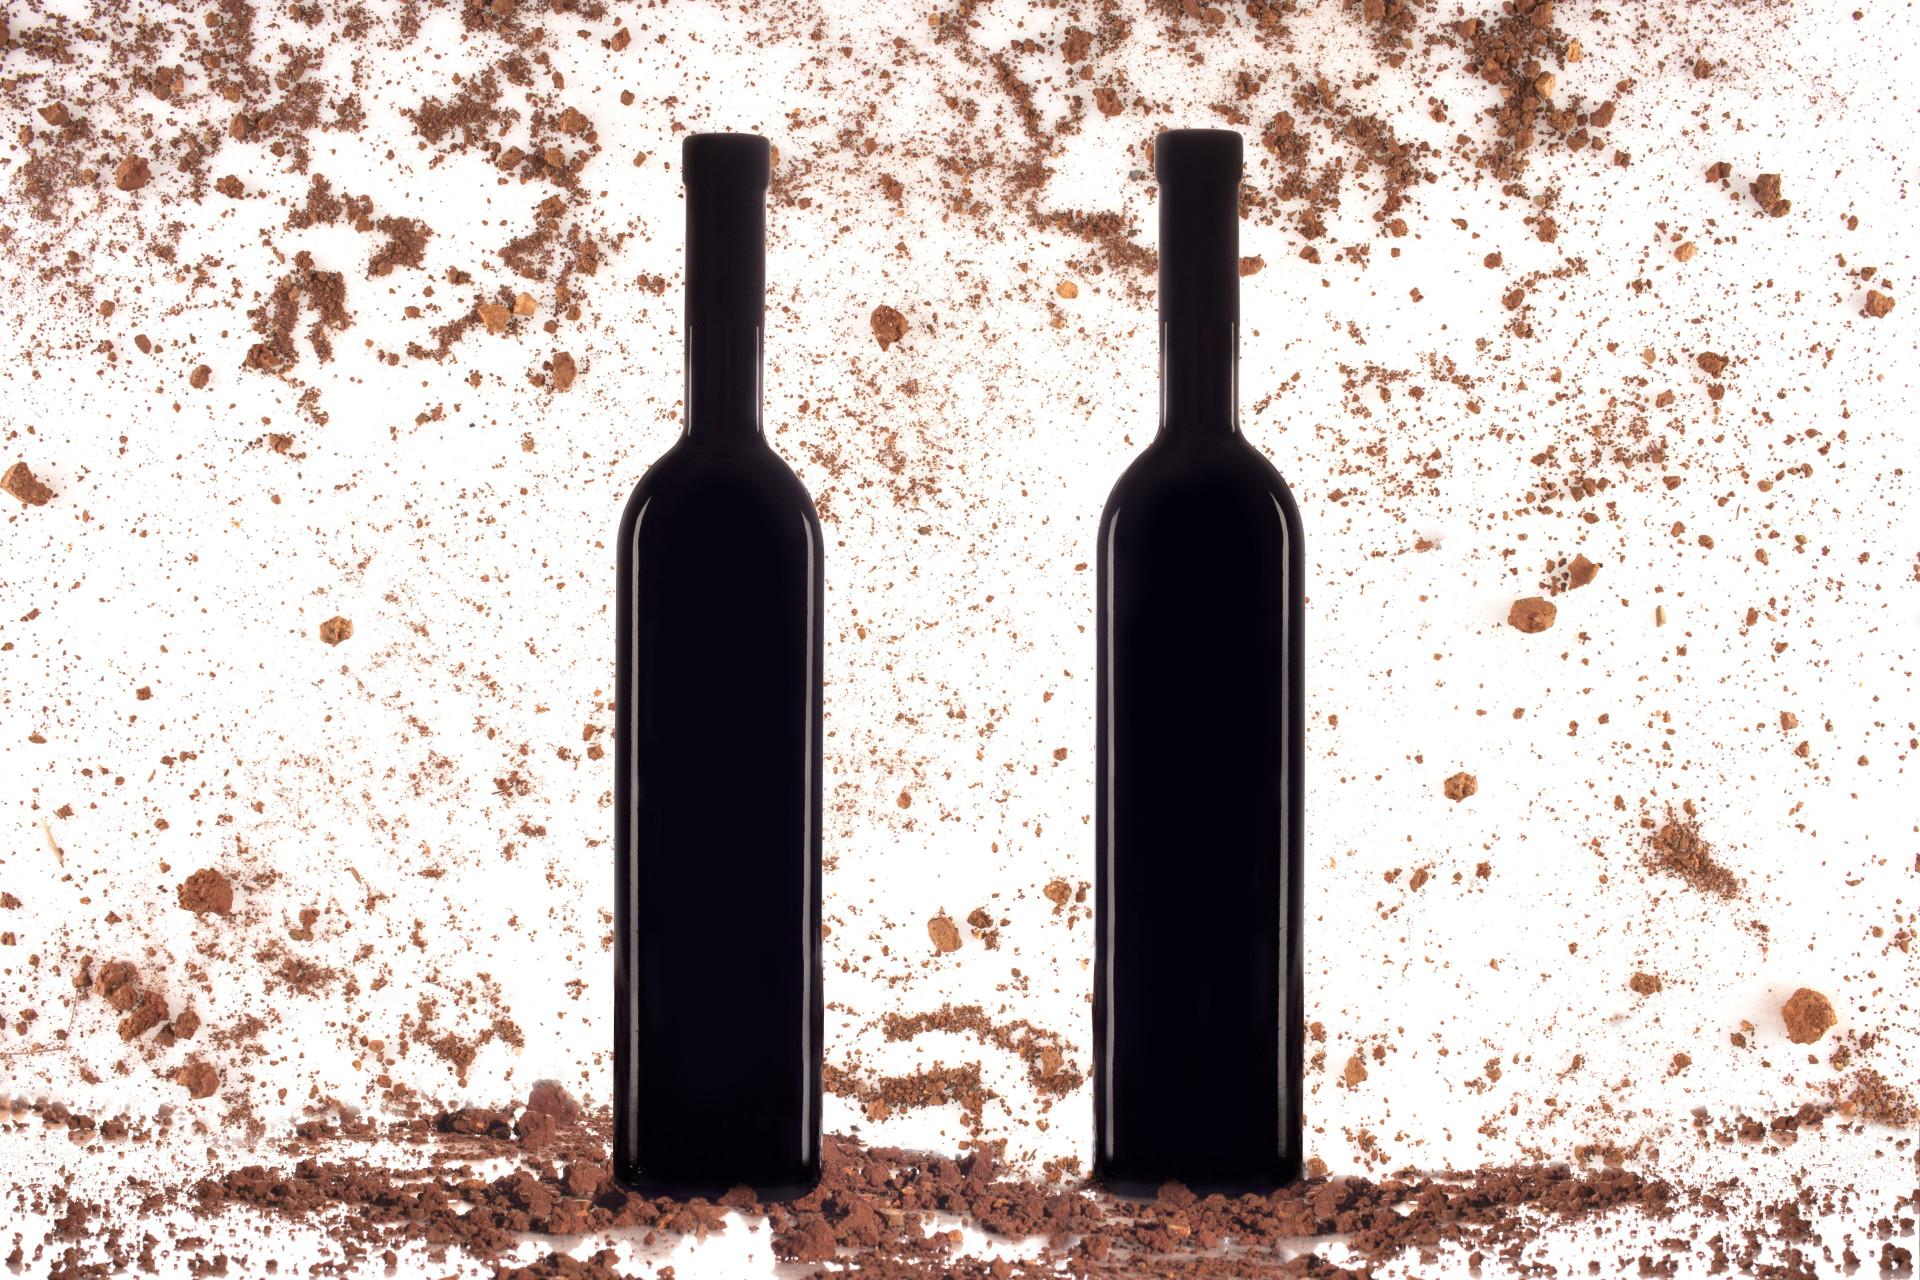 Saiba como degustar vinho como um profissional